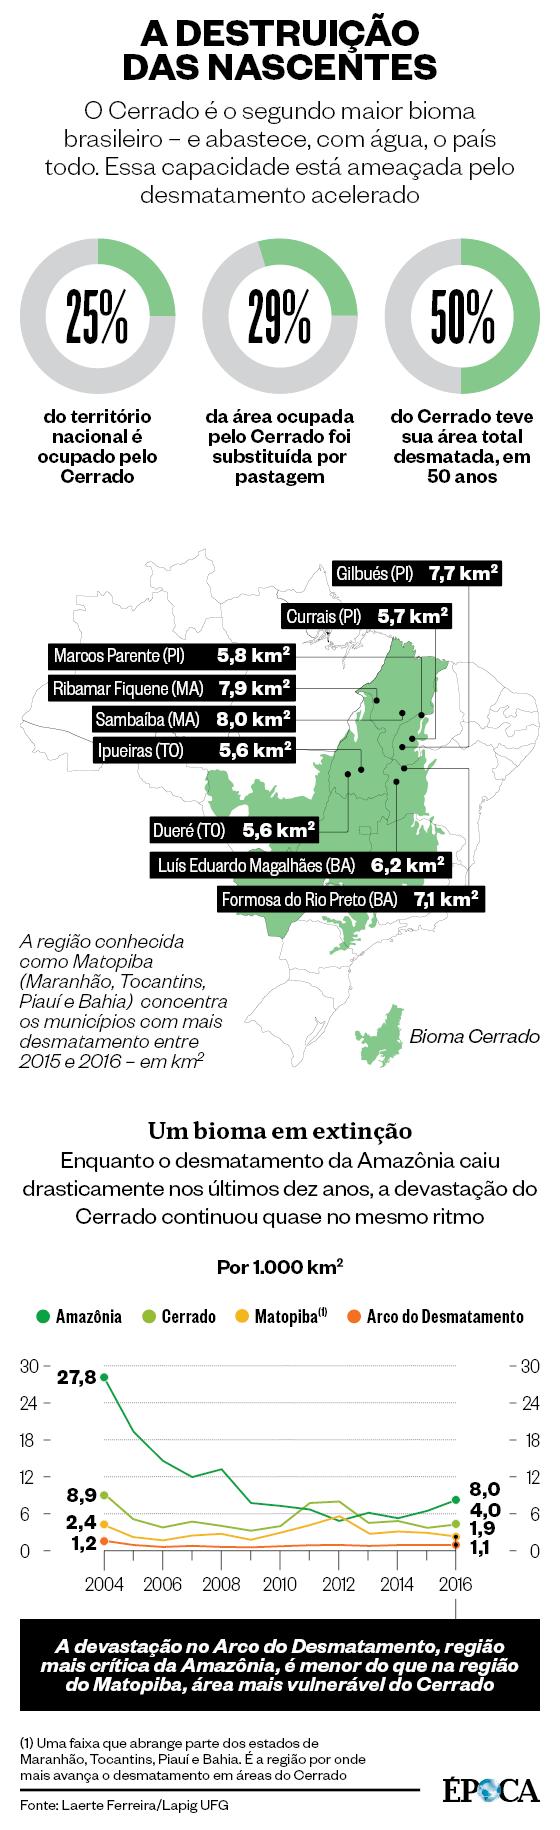 A DESTRUIÇÃO DAS NASCENTES O Cerrado é o segundo maior bioma brasileiro – e abastece, com água, o país todo. Essa capacidade está ameaçada pelo desmatamento acelerado (Foto: Fonte: Laerte Ferreira/Lapig UFG)